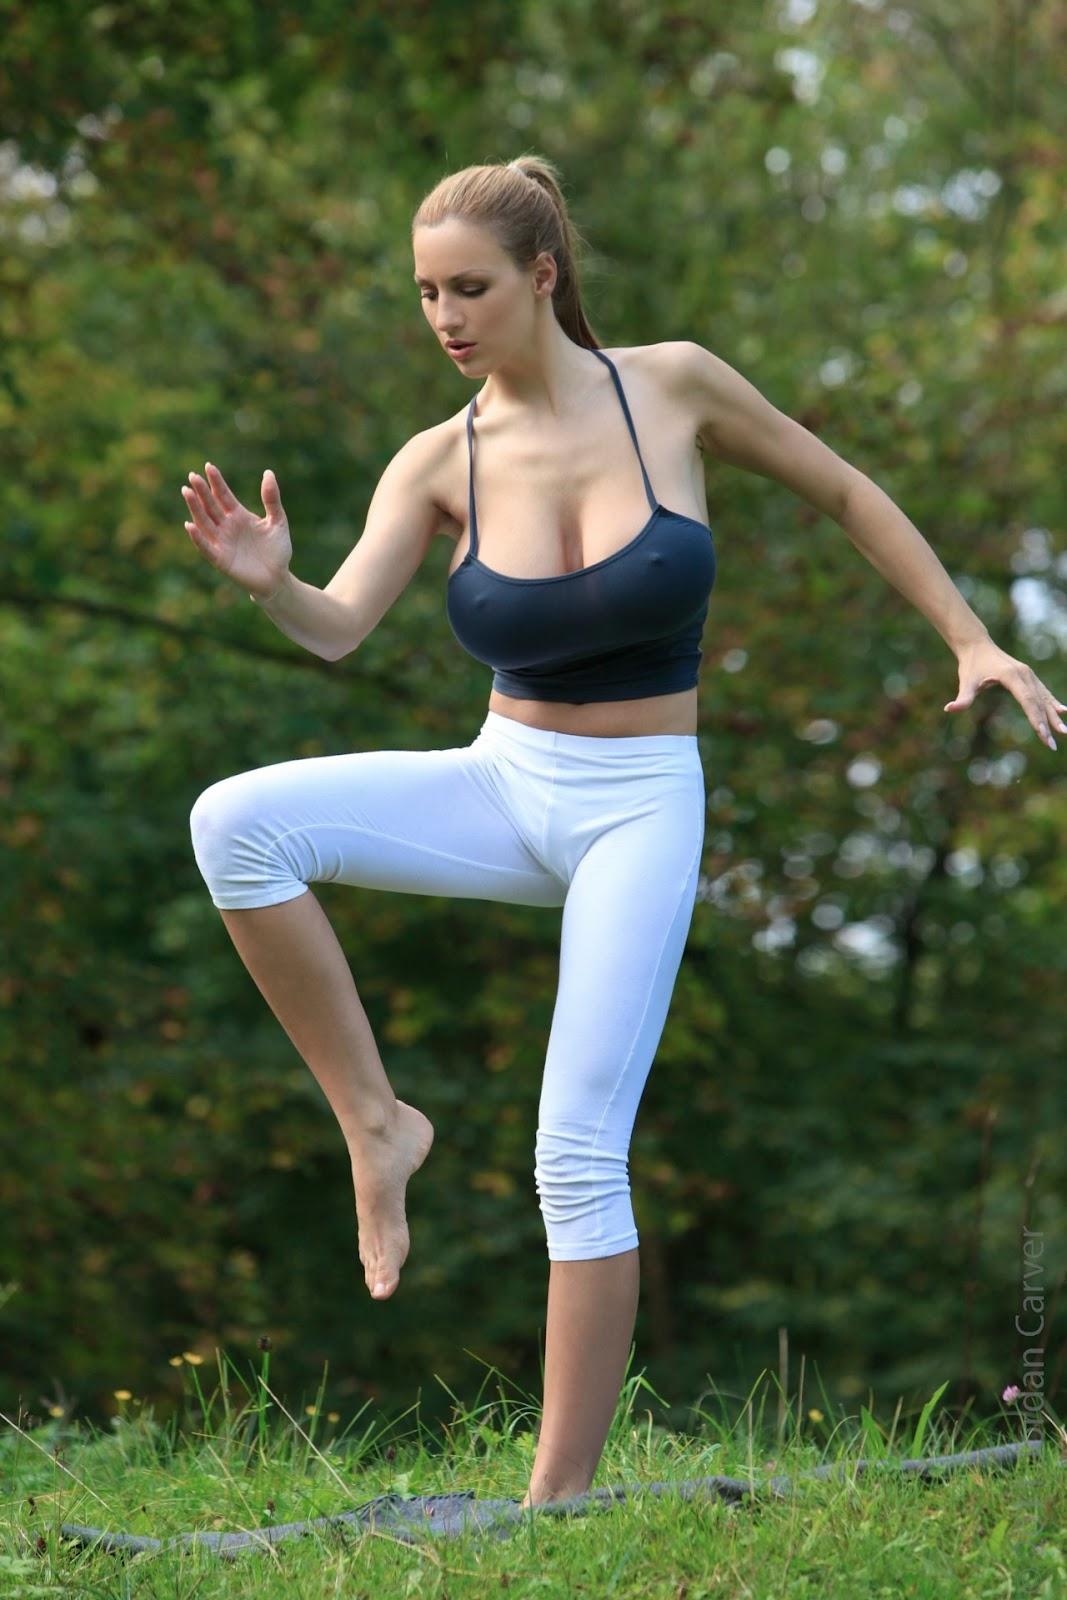 http://2.bp.blogspot.com/-HD-1CEE1DP4/T0OGCKJOFmI/AAAAAAAADbE/TPEXaZ_AcMo/s1600/Jordan-Carver-Yoga-36.jpg